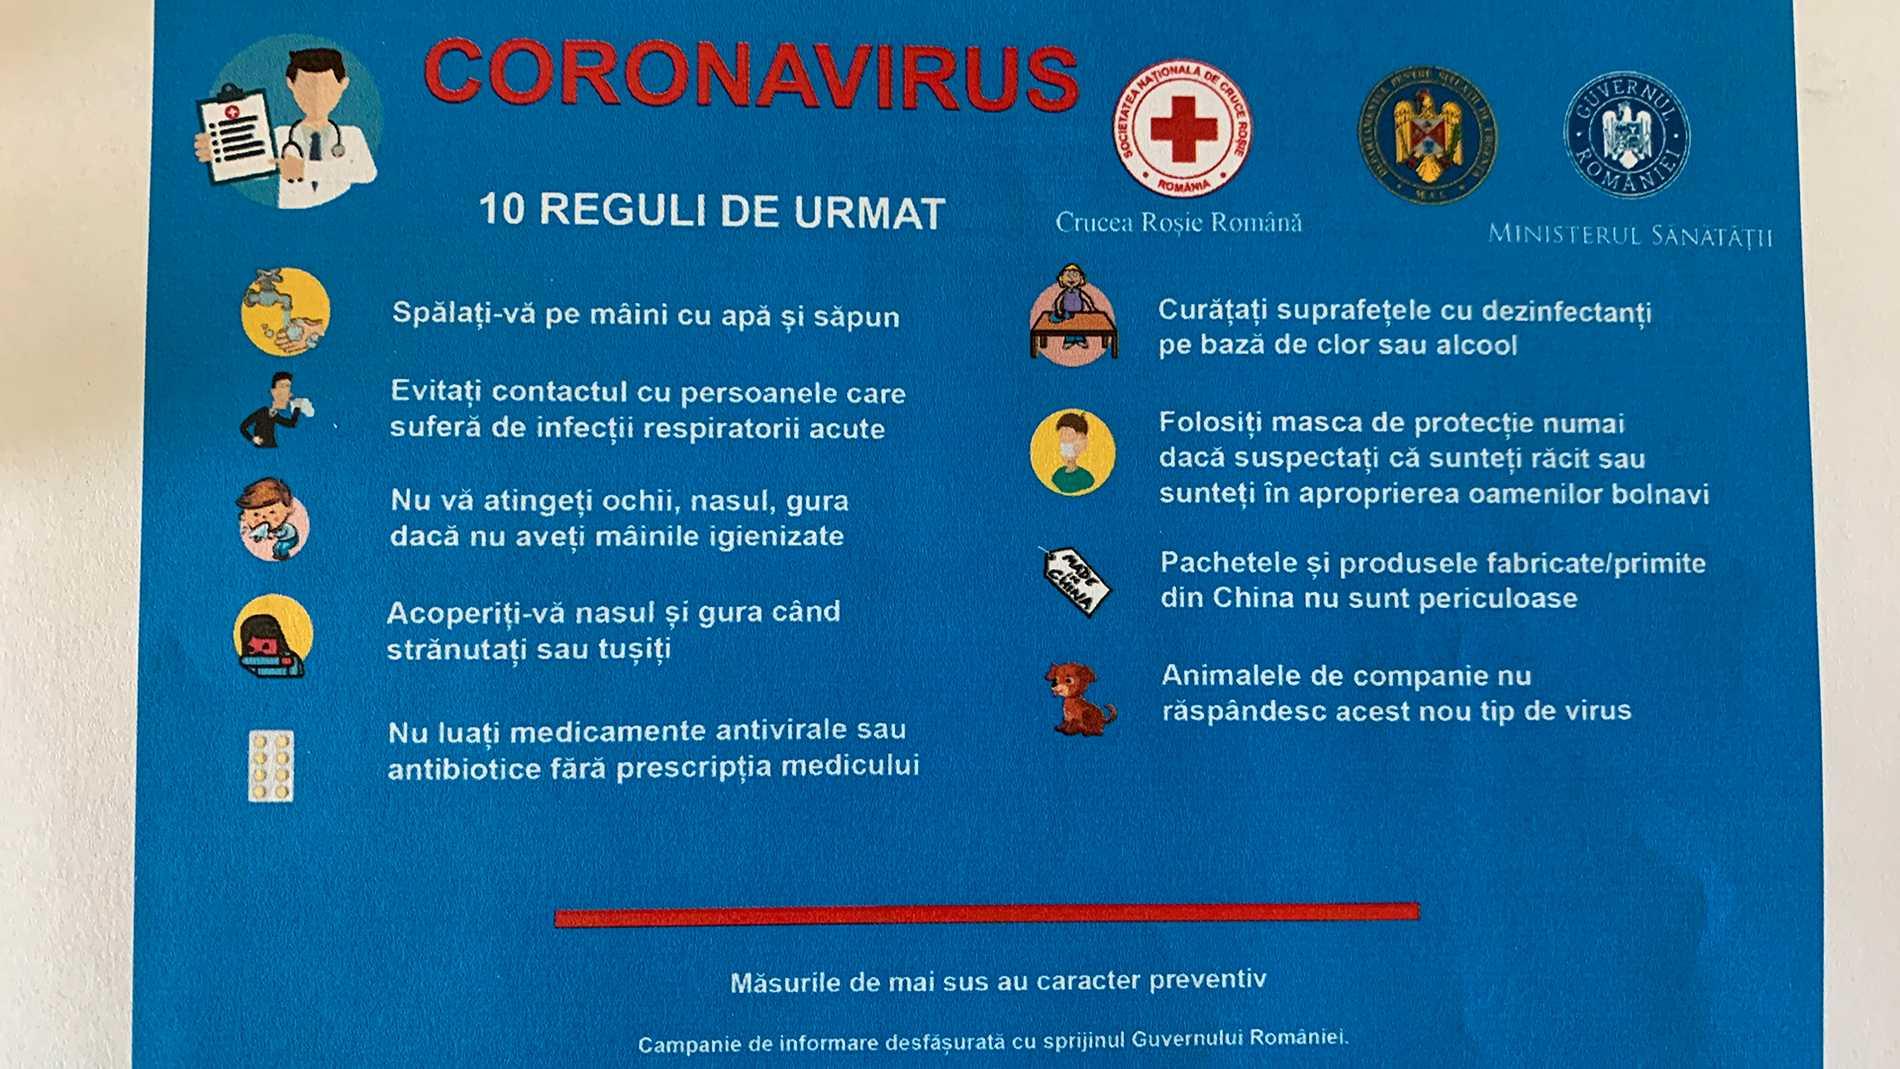 Det flygblad som rumänska ambassaden har tagit fram för att informera om coronaviruset.